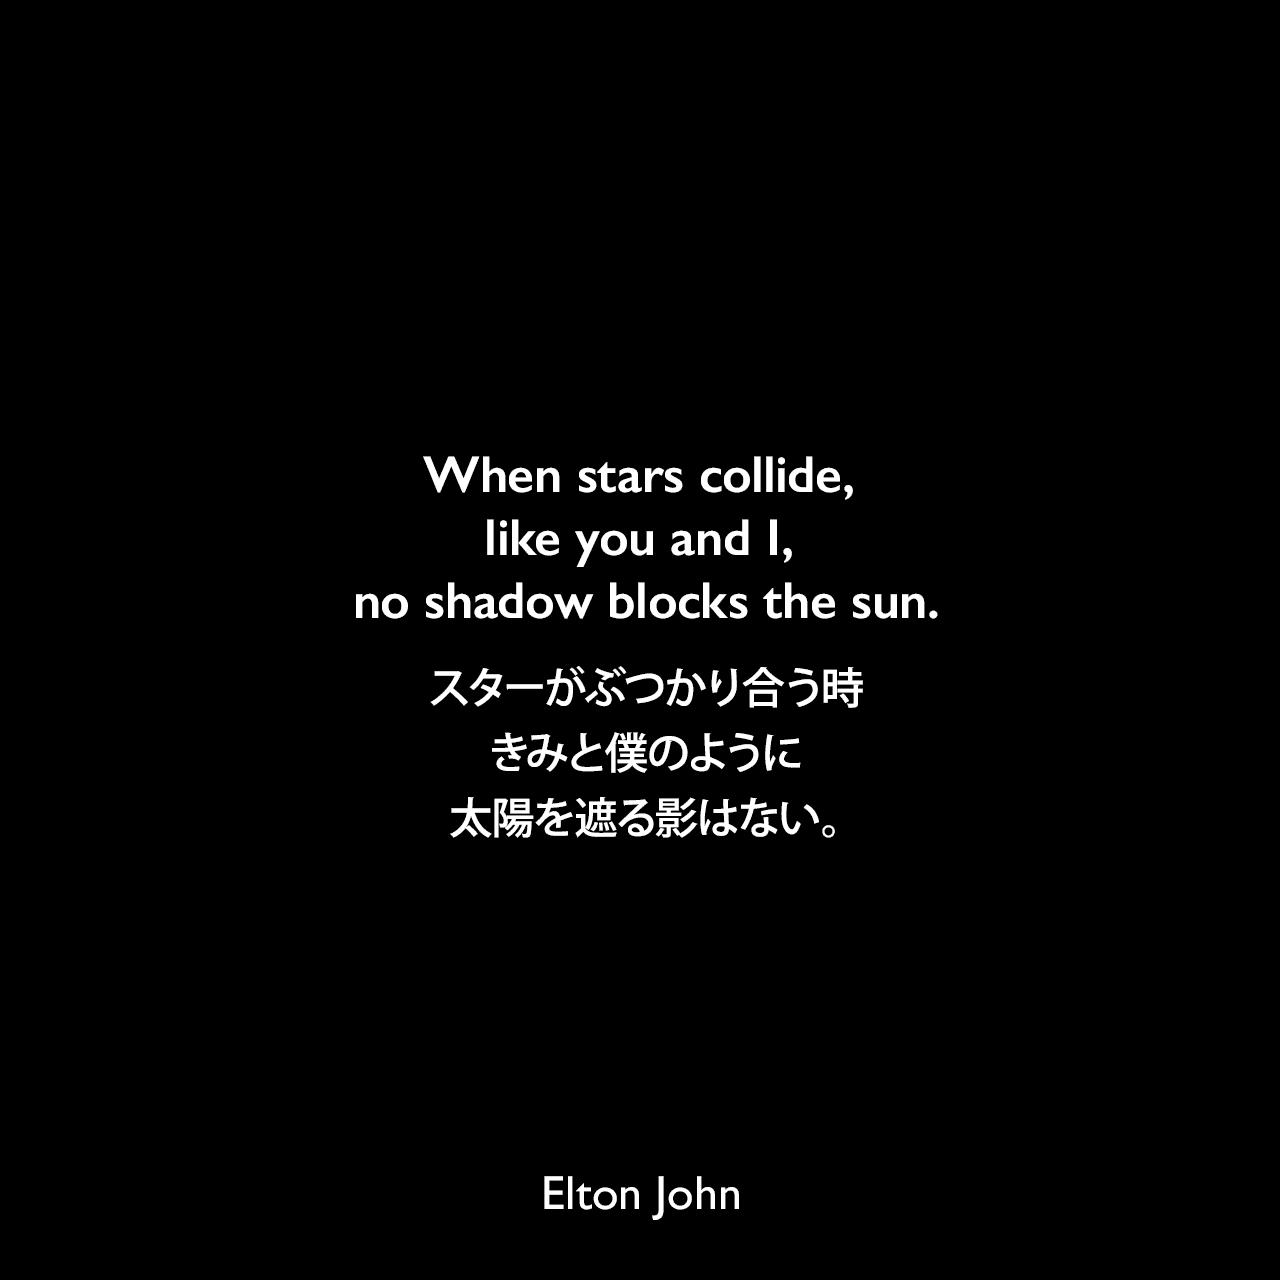 When stars collide, like you and I, no shadow blocks the sun.スターがぶつかり合う時、きみと僕のように、太陽を遮る影はない。Elton John